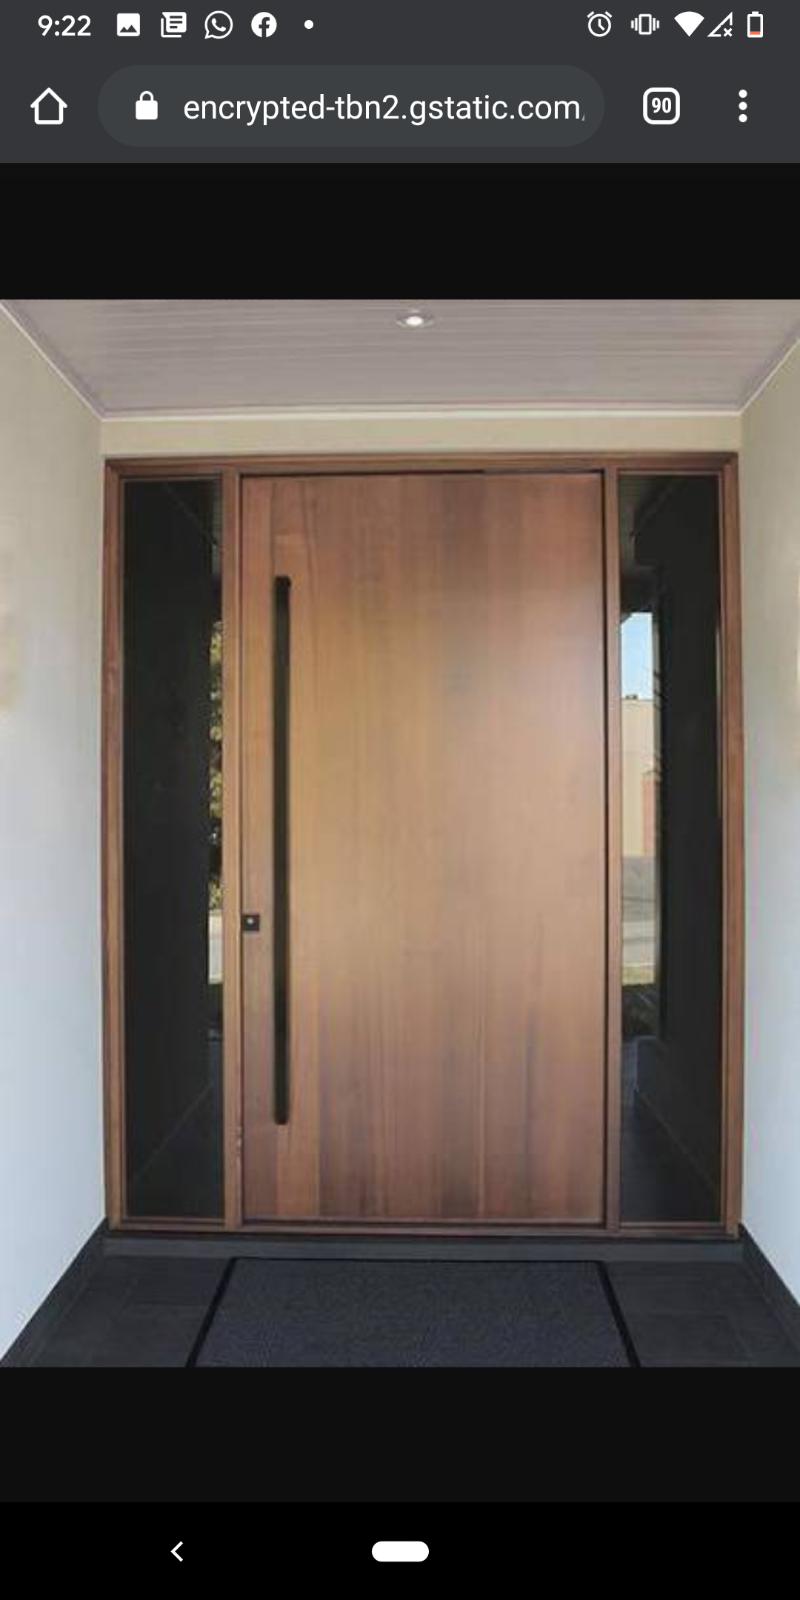 Front Door handle after handover